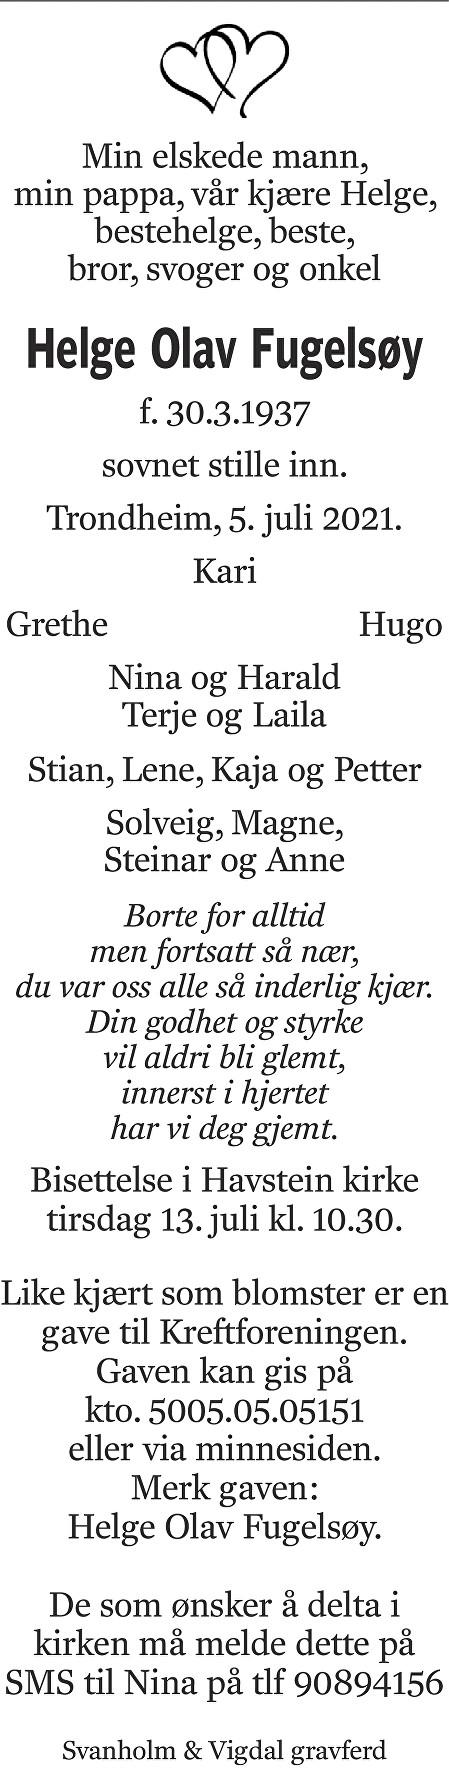 Helge Olav Fugelsøy Dødsannonse